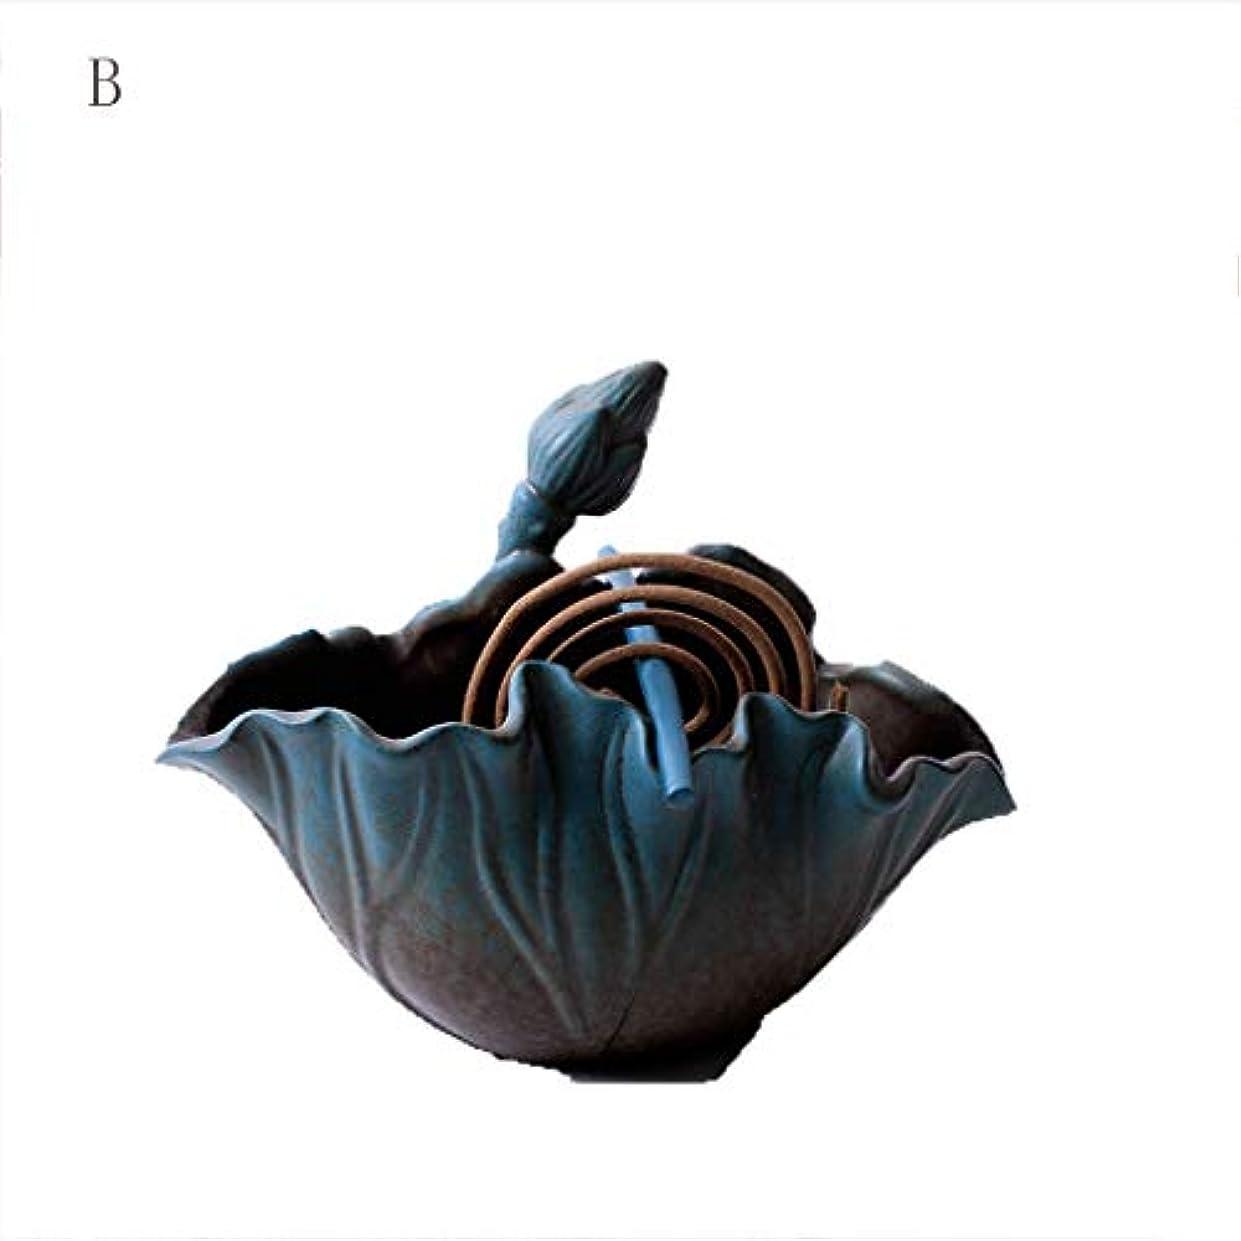 ビスケットどんよりしたイサカホームアロマバーナー クリエイティブお香バーナーロータス香インサートセラミック皿白檀炉蚊香バーナー茶道 アロマバーナー (サイズ : B)